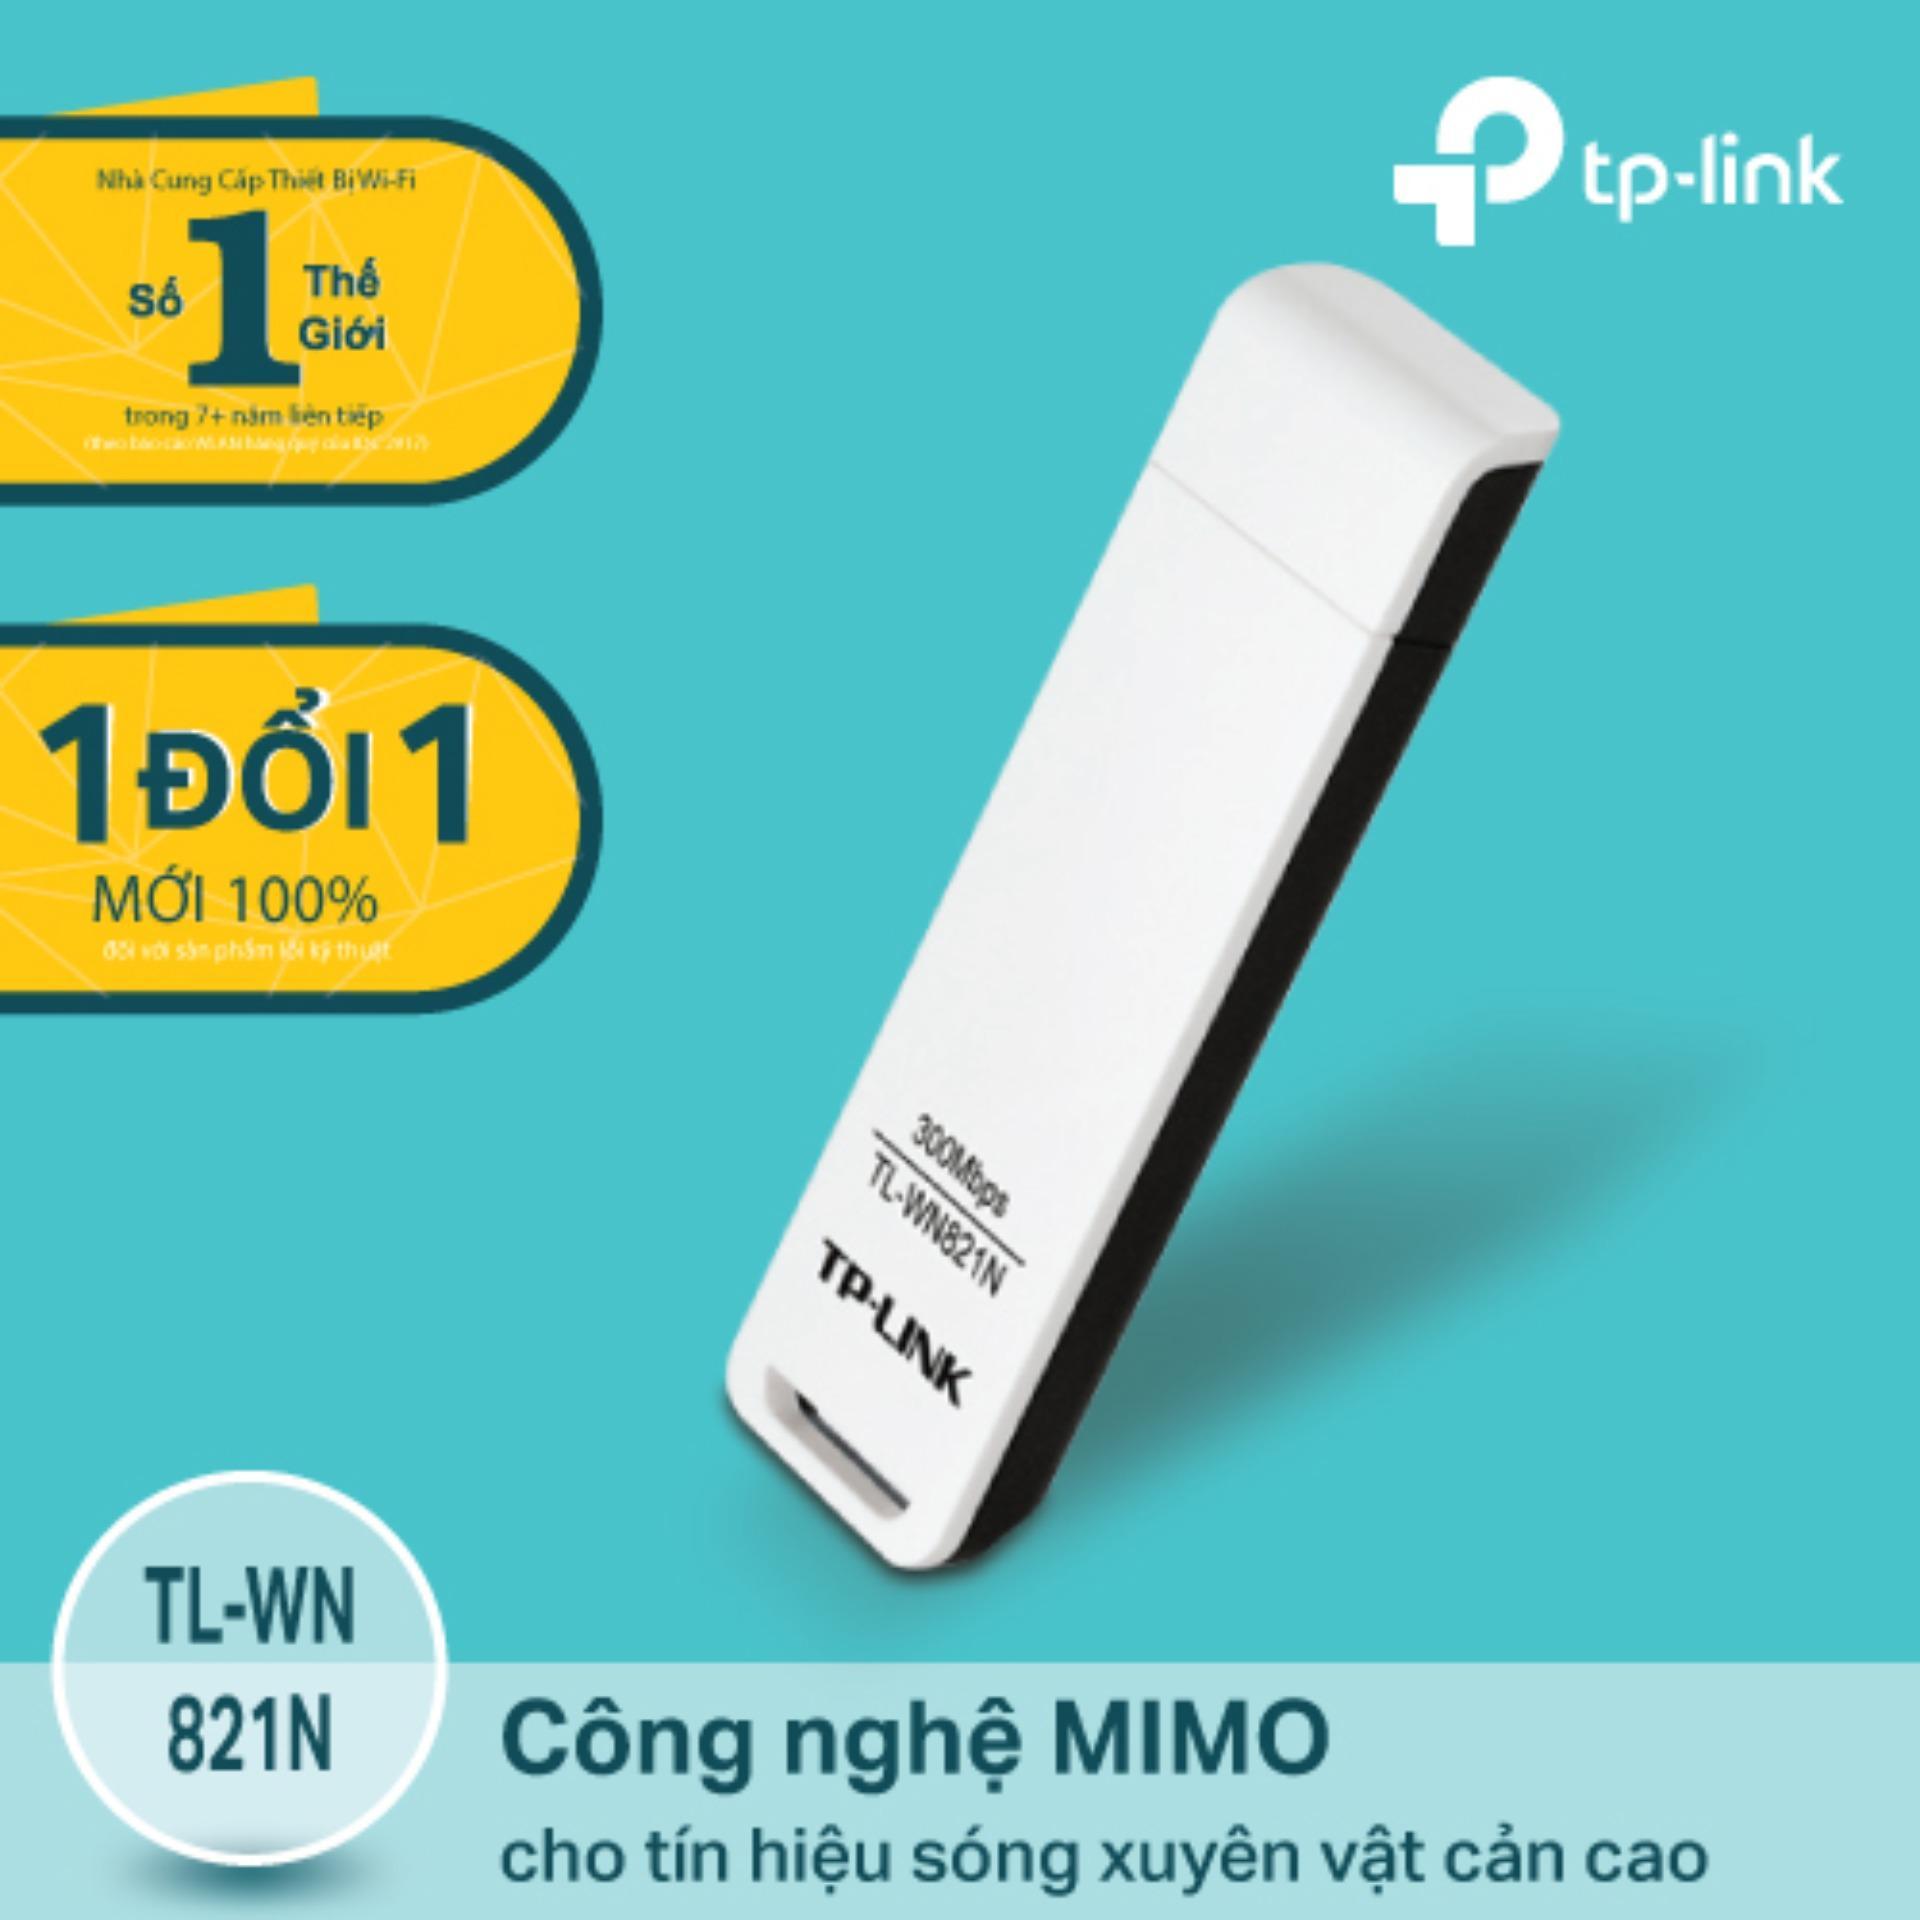 Bán Tp Link Tl Wn821N Usb Kết Nối Wi Fi Chuẩn N 300Mbps Hang Phan Phối Chinh Thức Rẻ